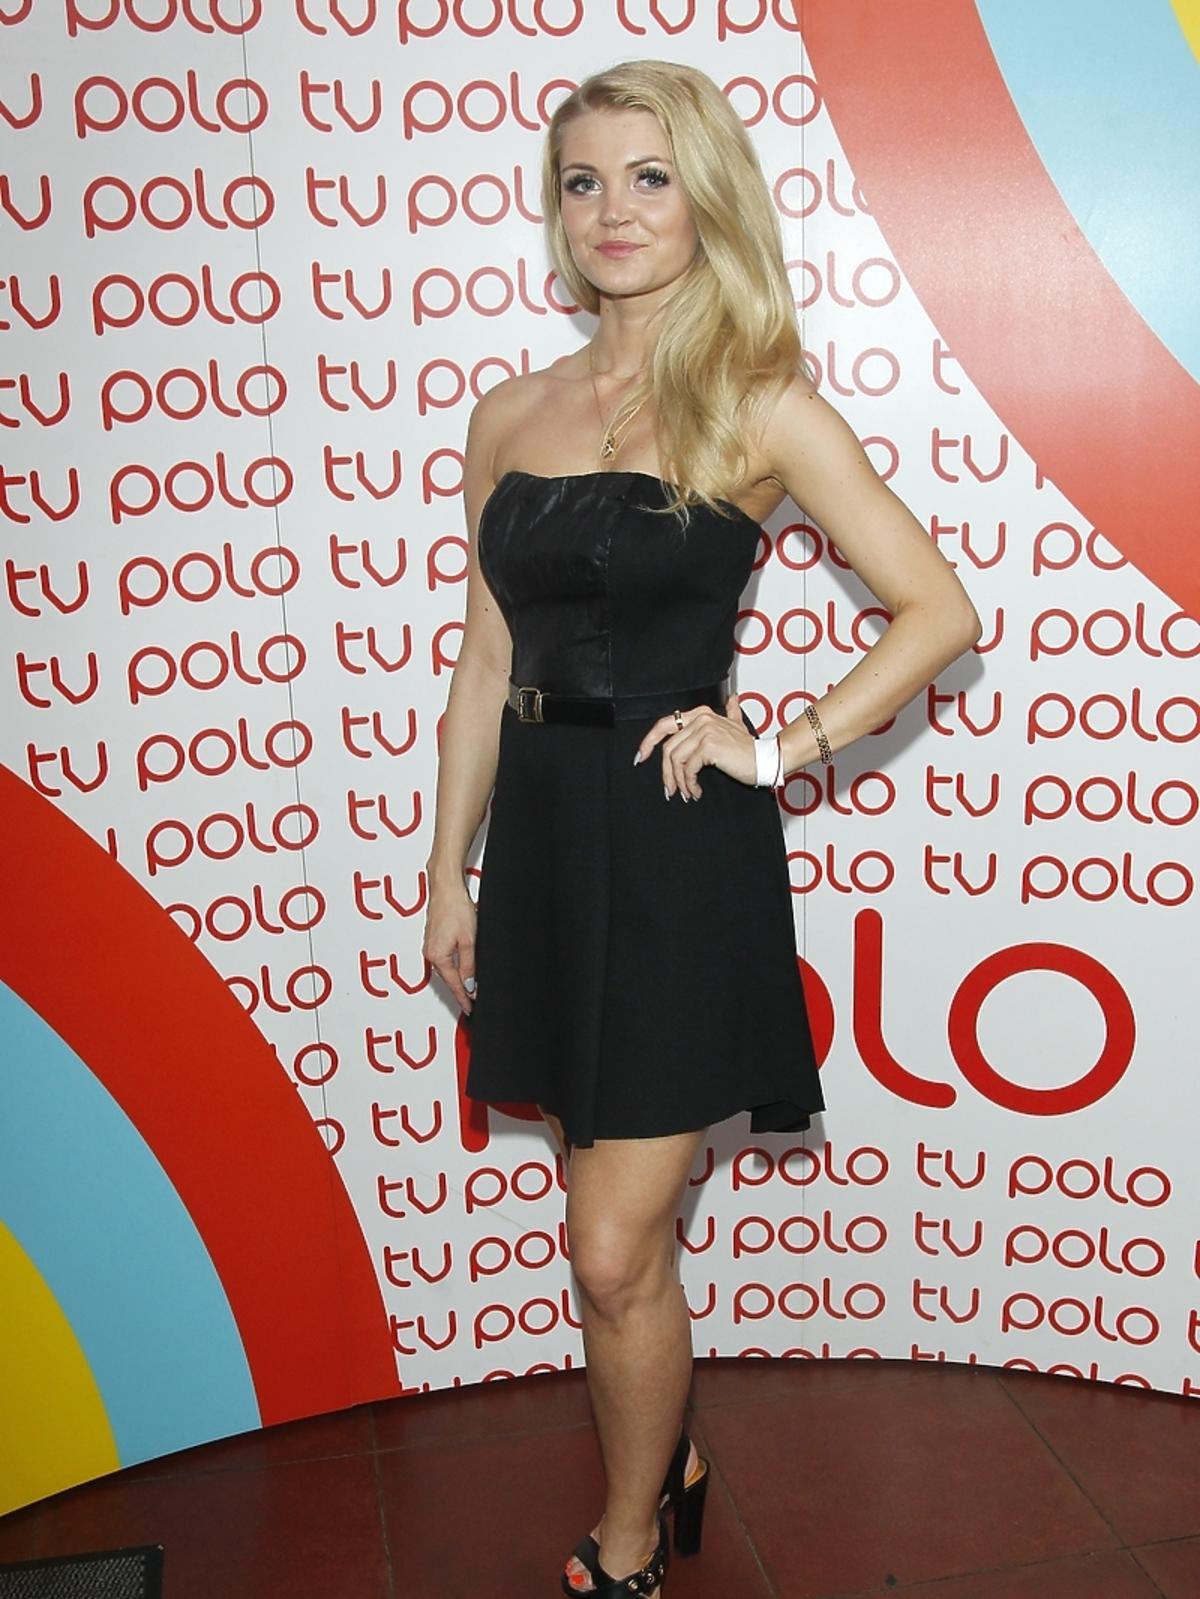 Edyta Folwarska na urodzinach Polo TV